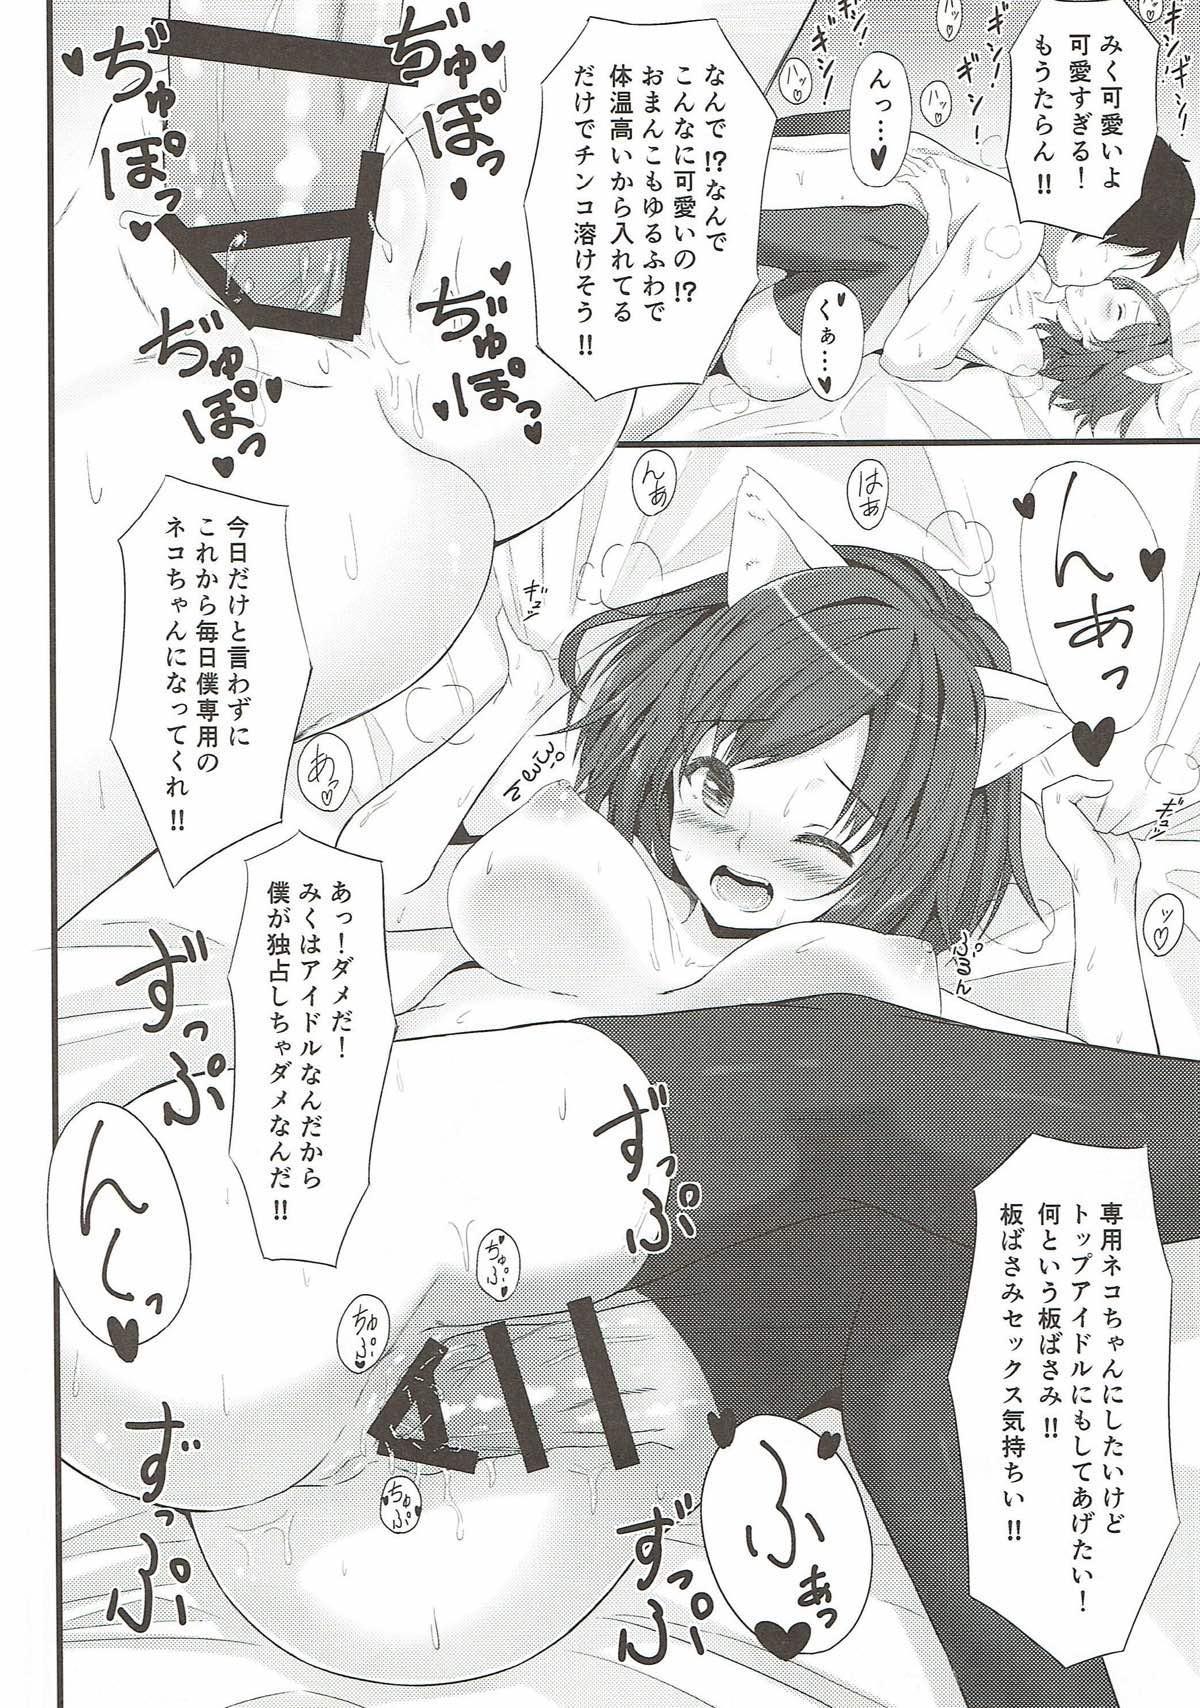 Miku to Kozukuri Nyan Nyan 11